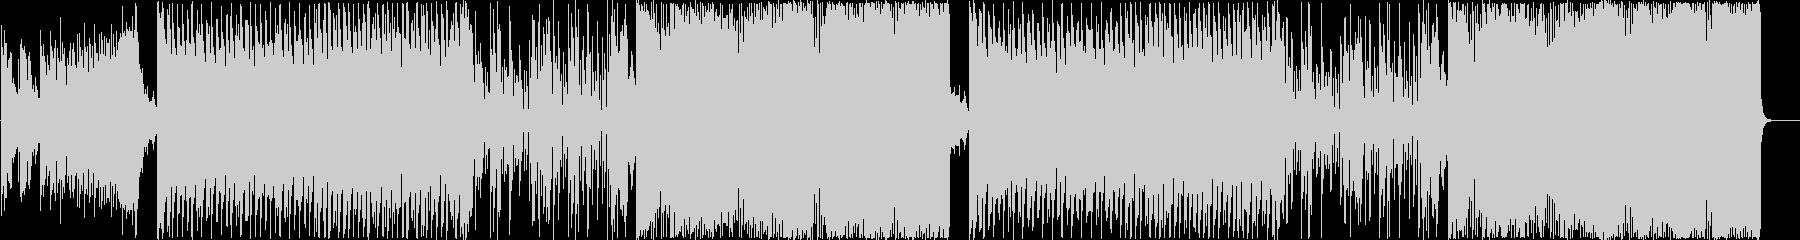 クラブ系ハードEDM、K-POPトラックの未再生の波形